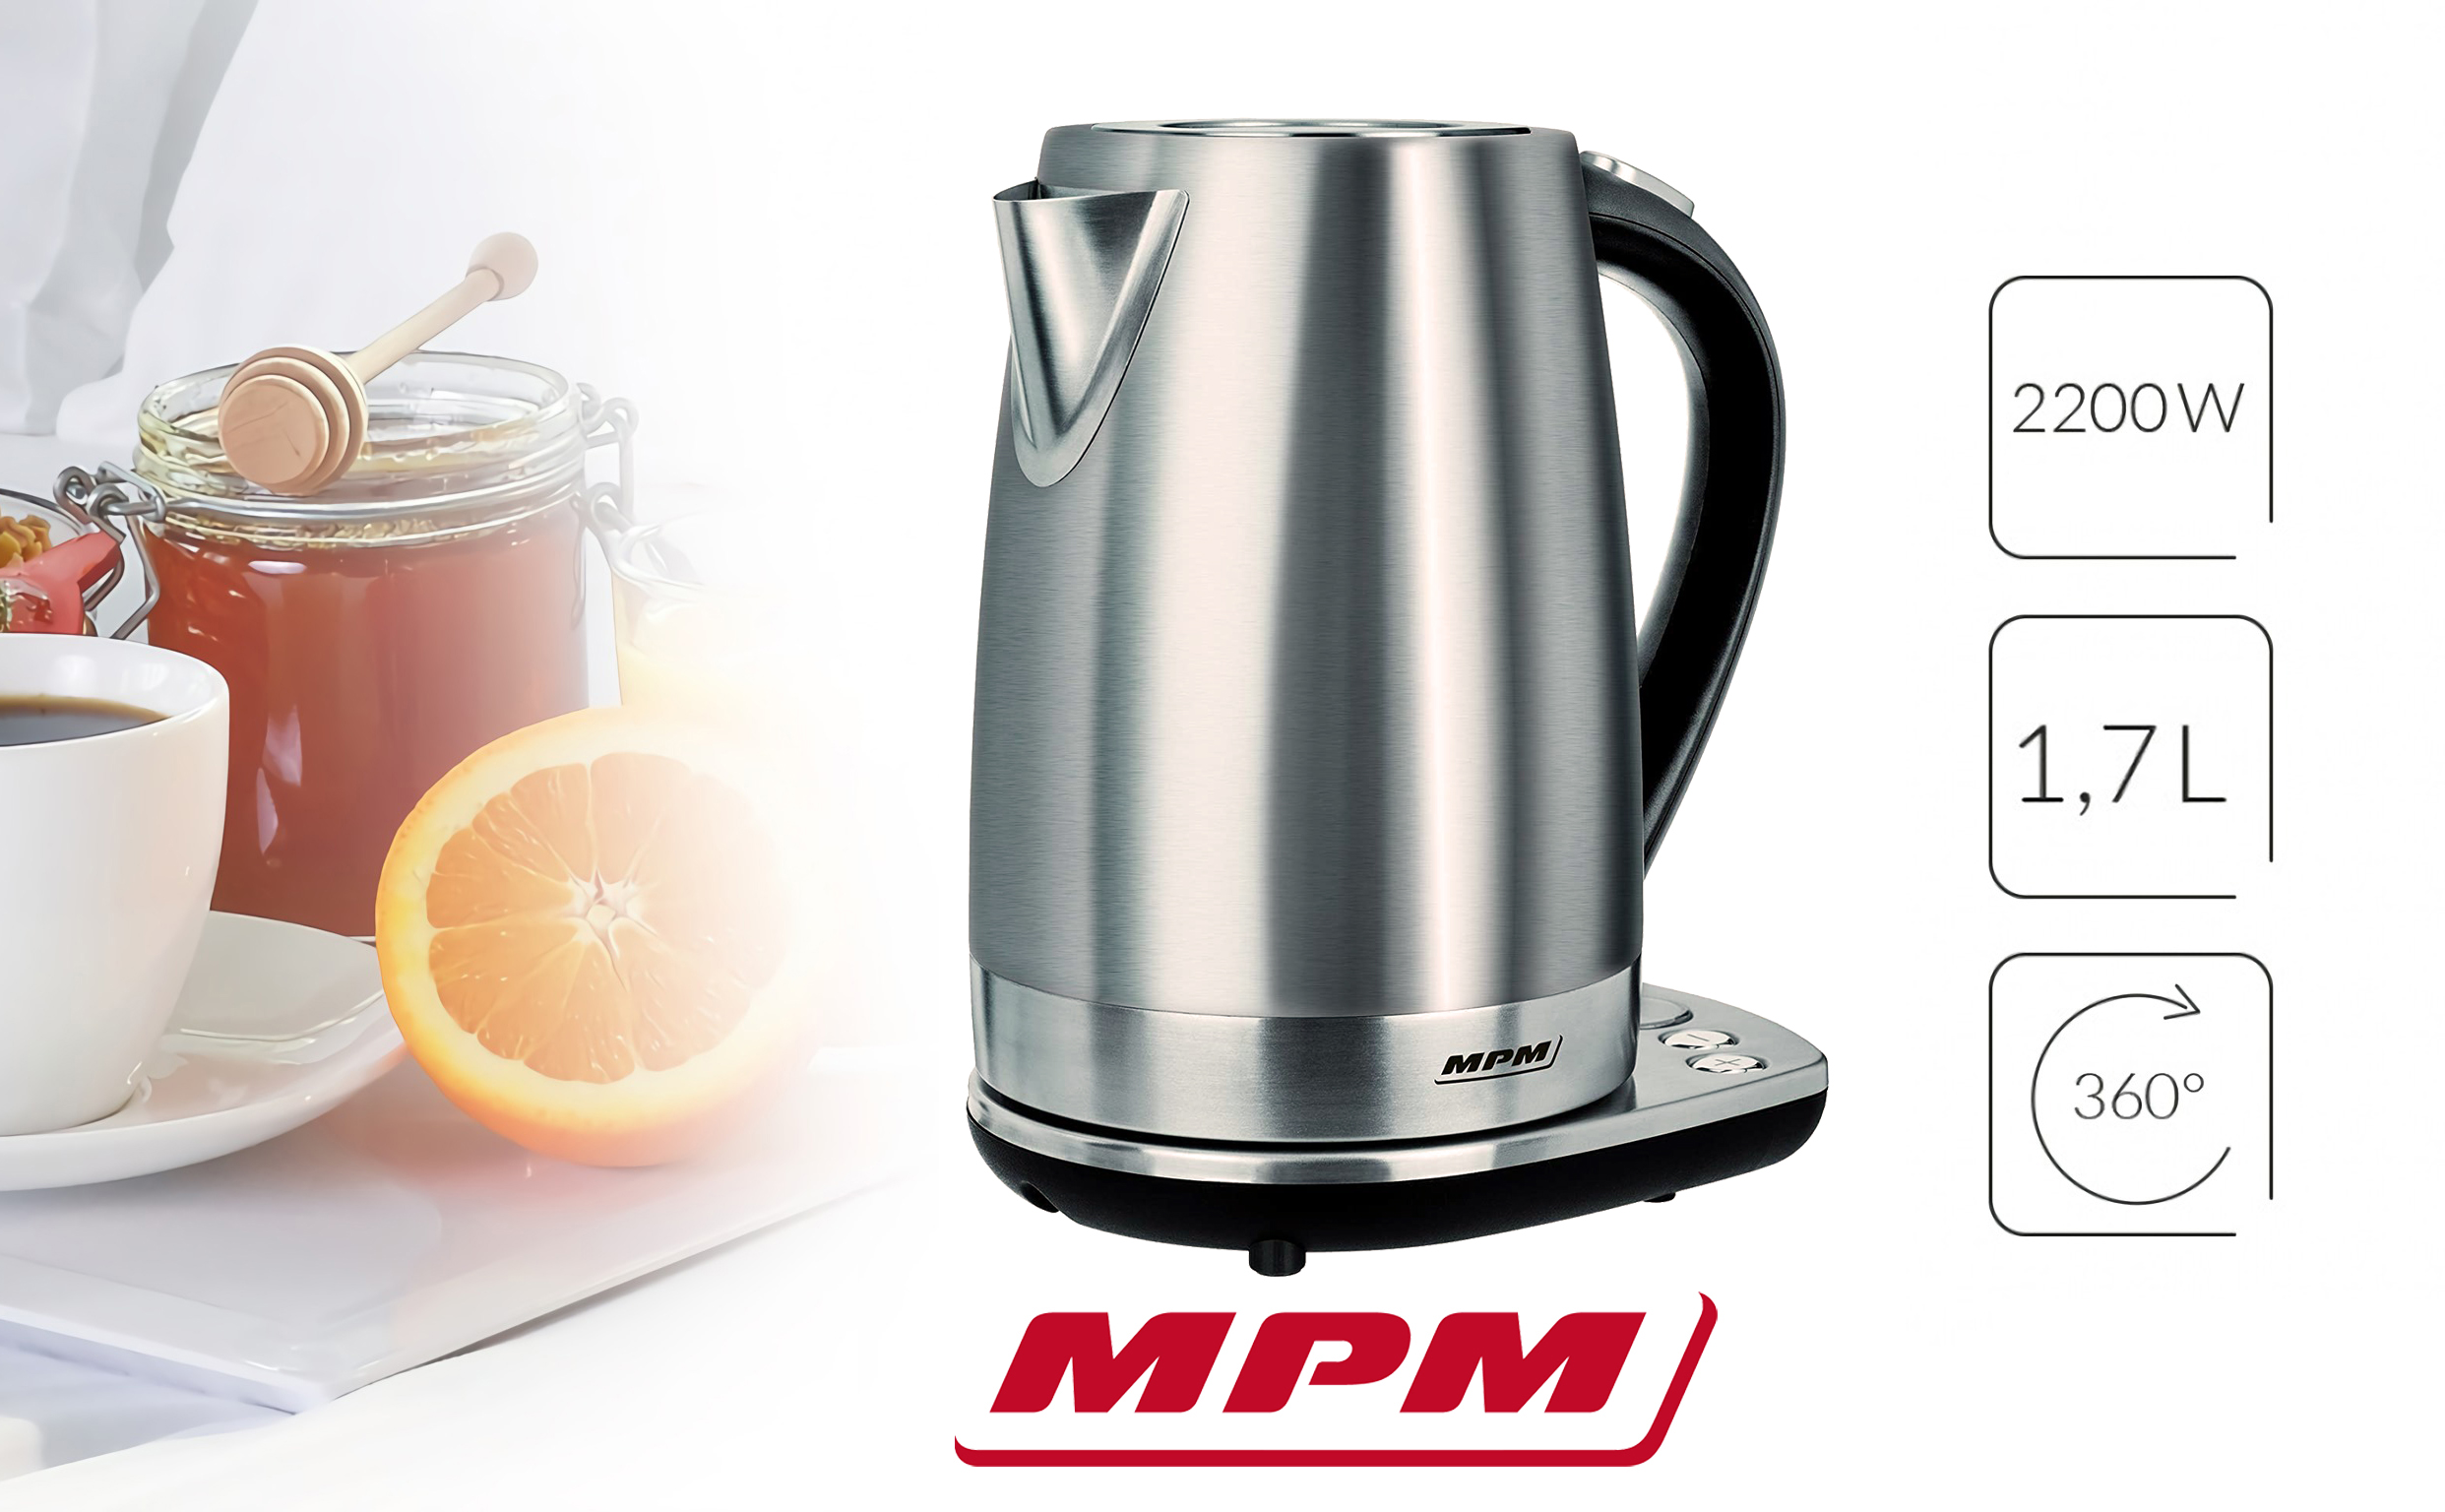 MPM MCZ-51 Hervidor de Agua Eléctrico con Panel de Control, Inalámbrico de Acero Inoxidable, 1,7 Litros, 2200W, Libre de BPA